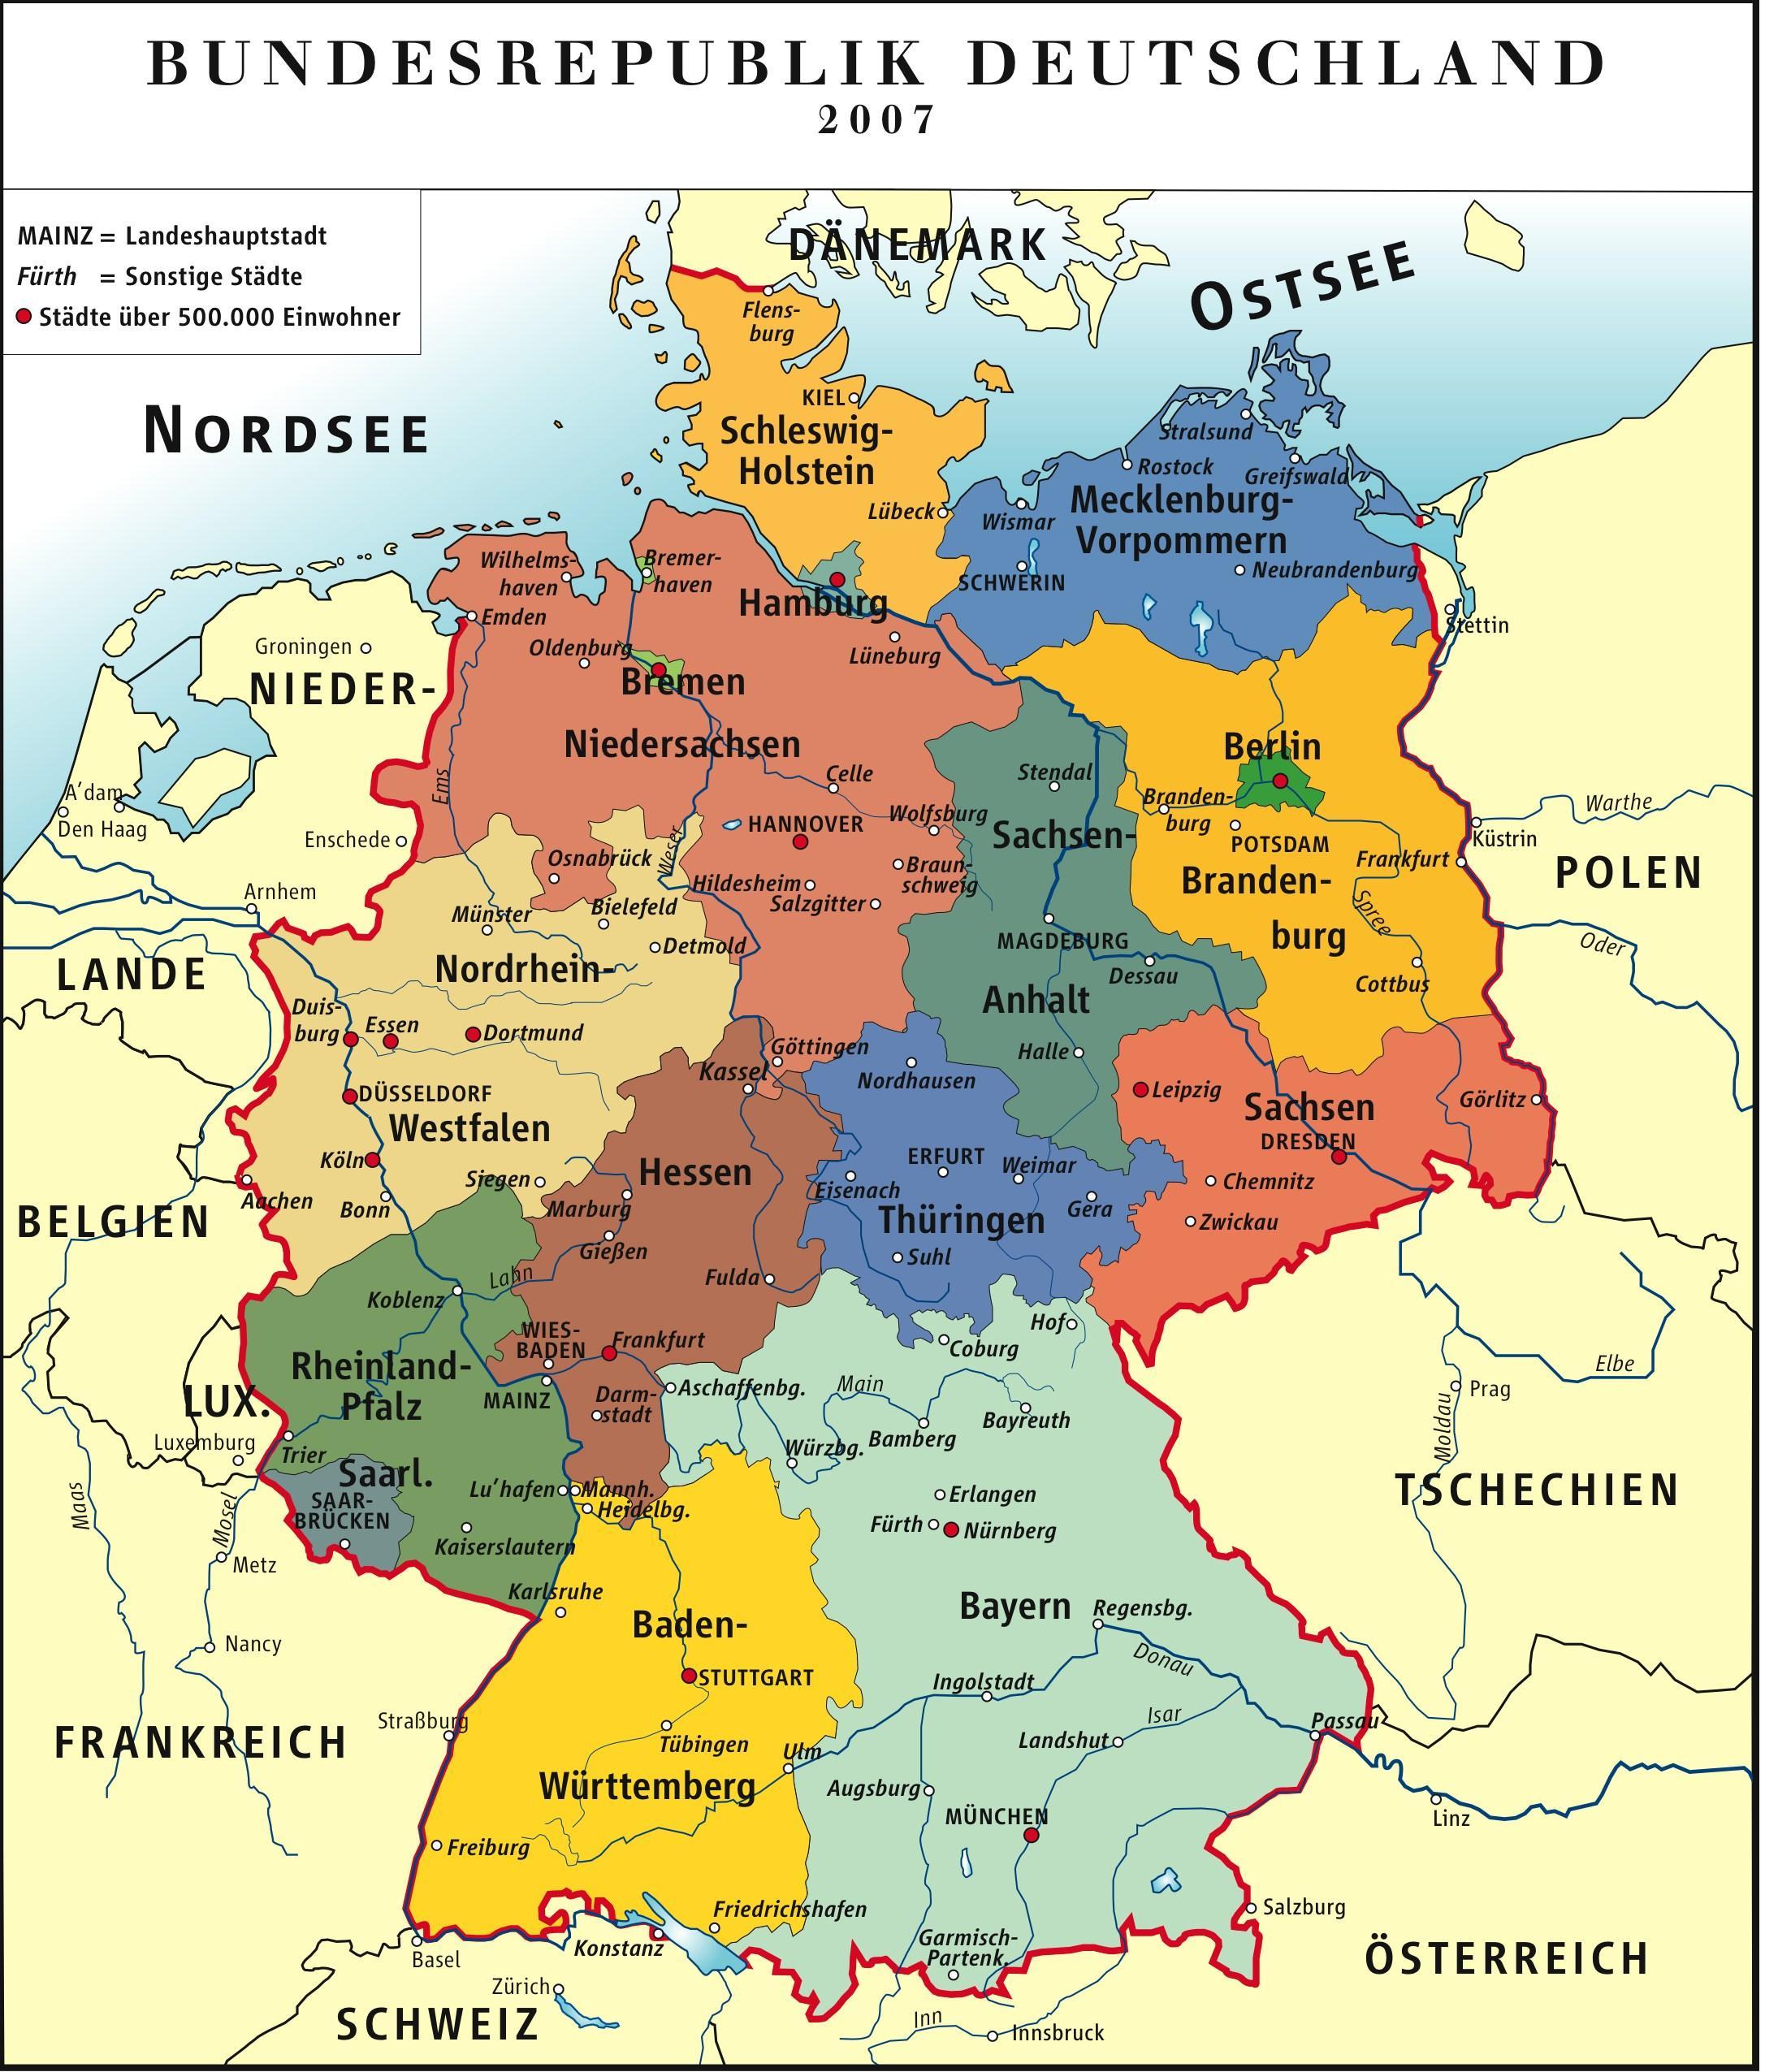 deutscher komplett porno Naumburg (Hesse)(Hesse)